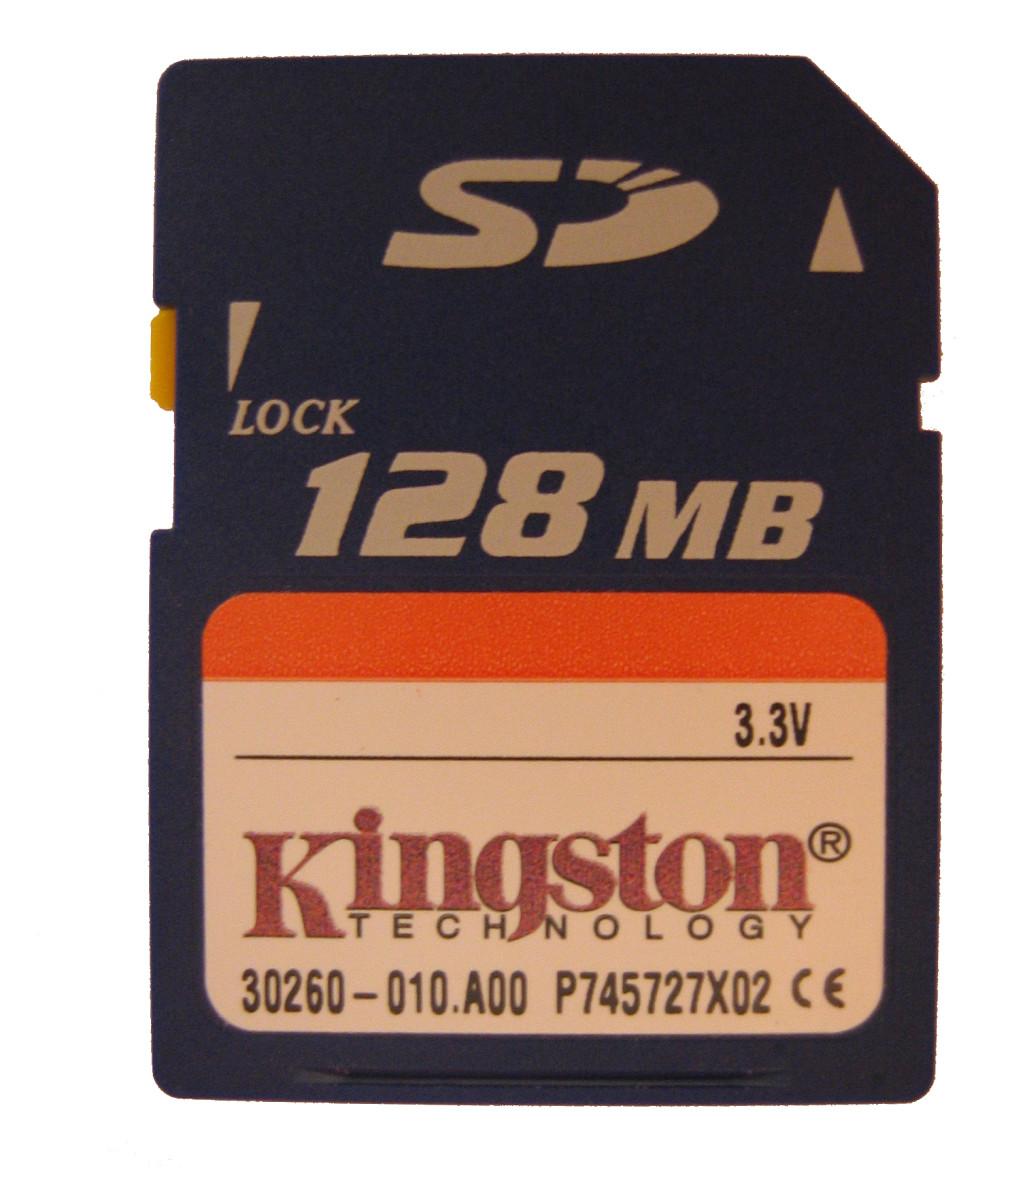 An example of a MicroSD card.